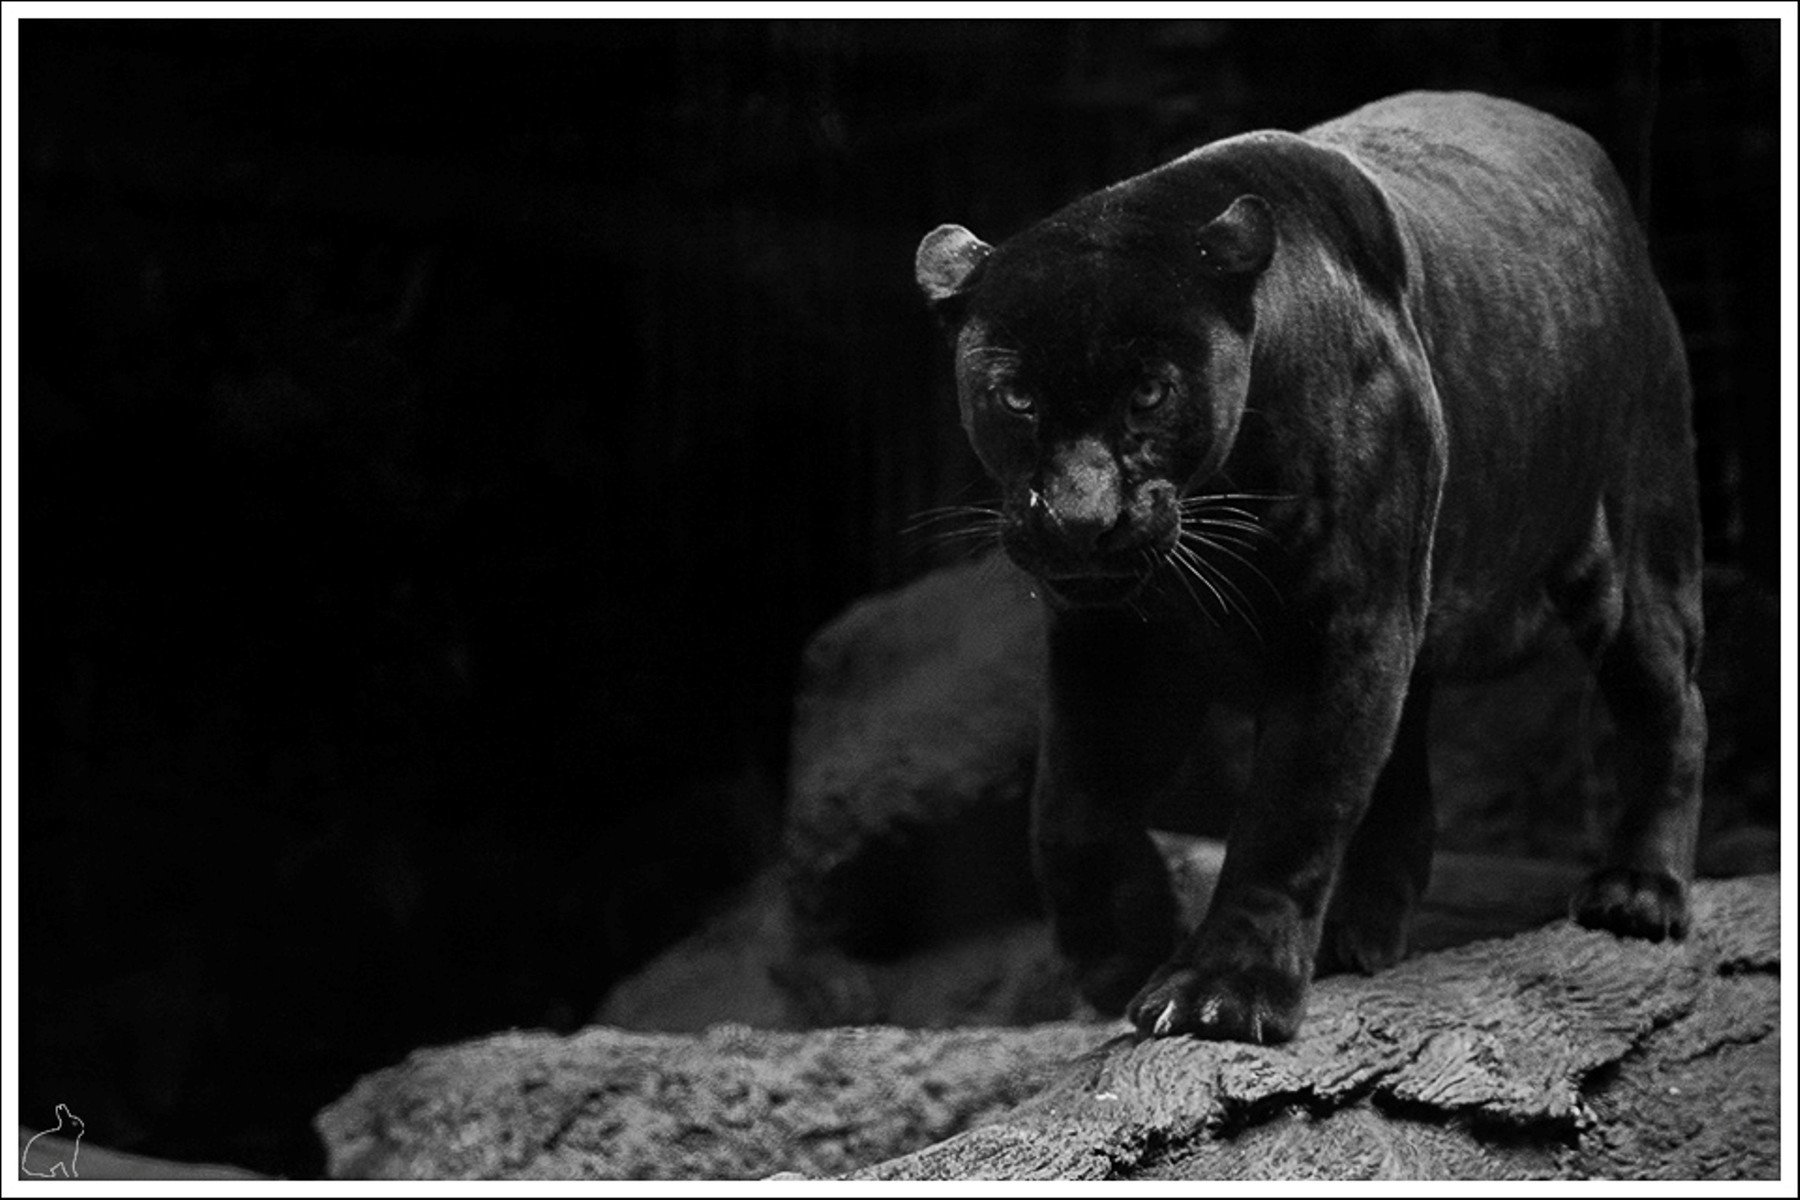 Black Jaguar Wallpapers 1800x1200